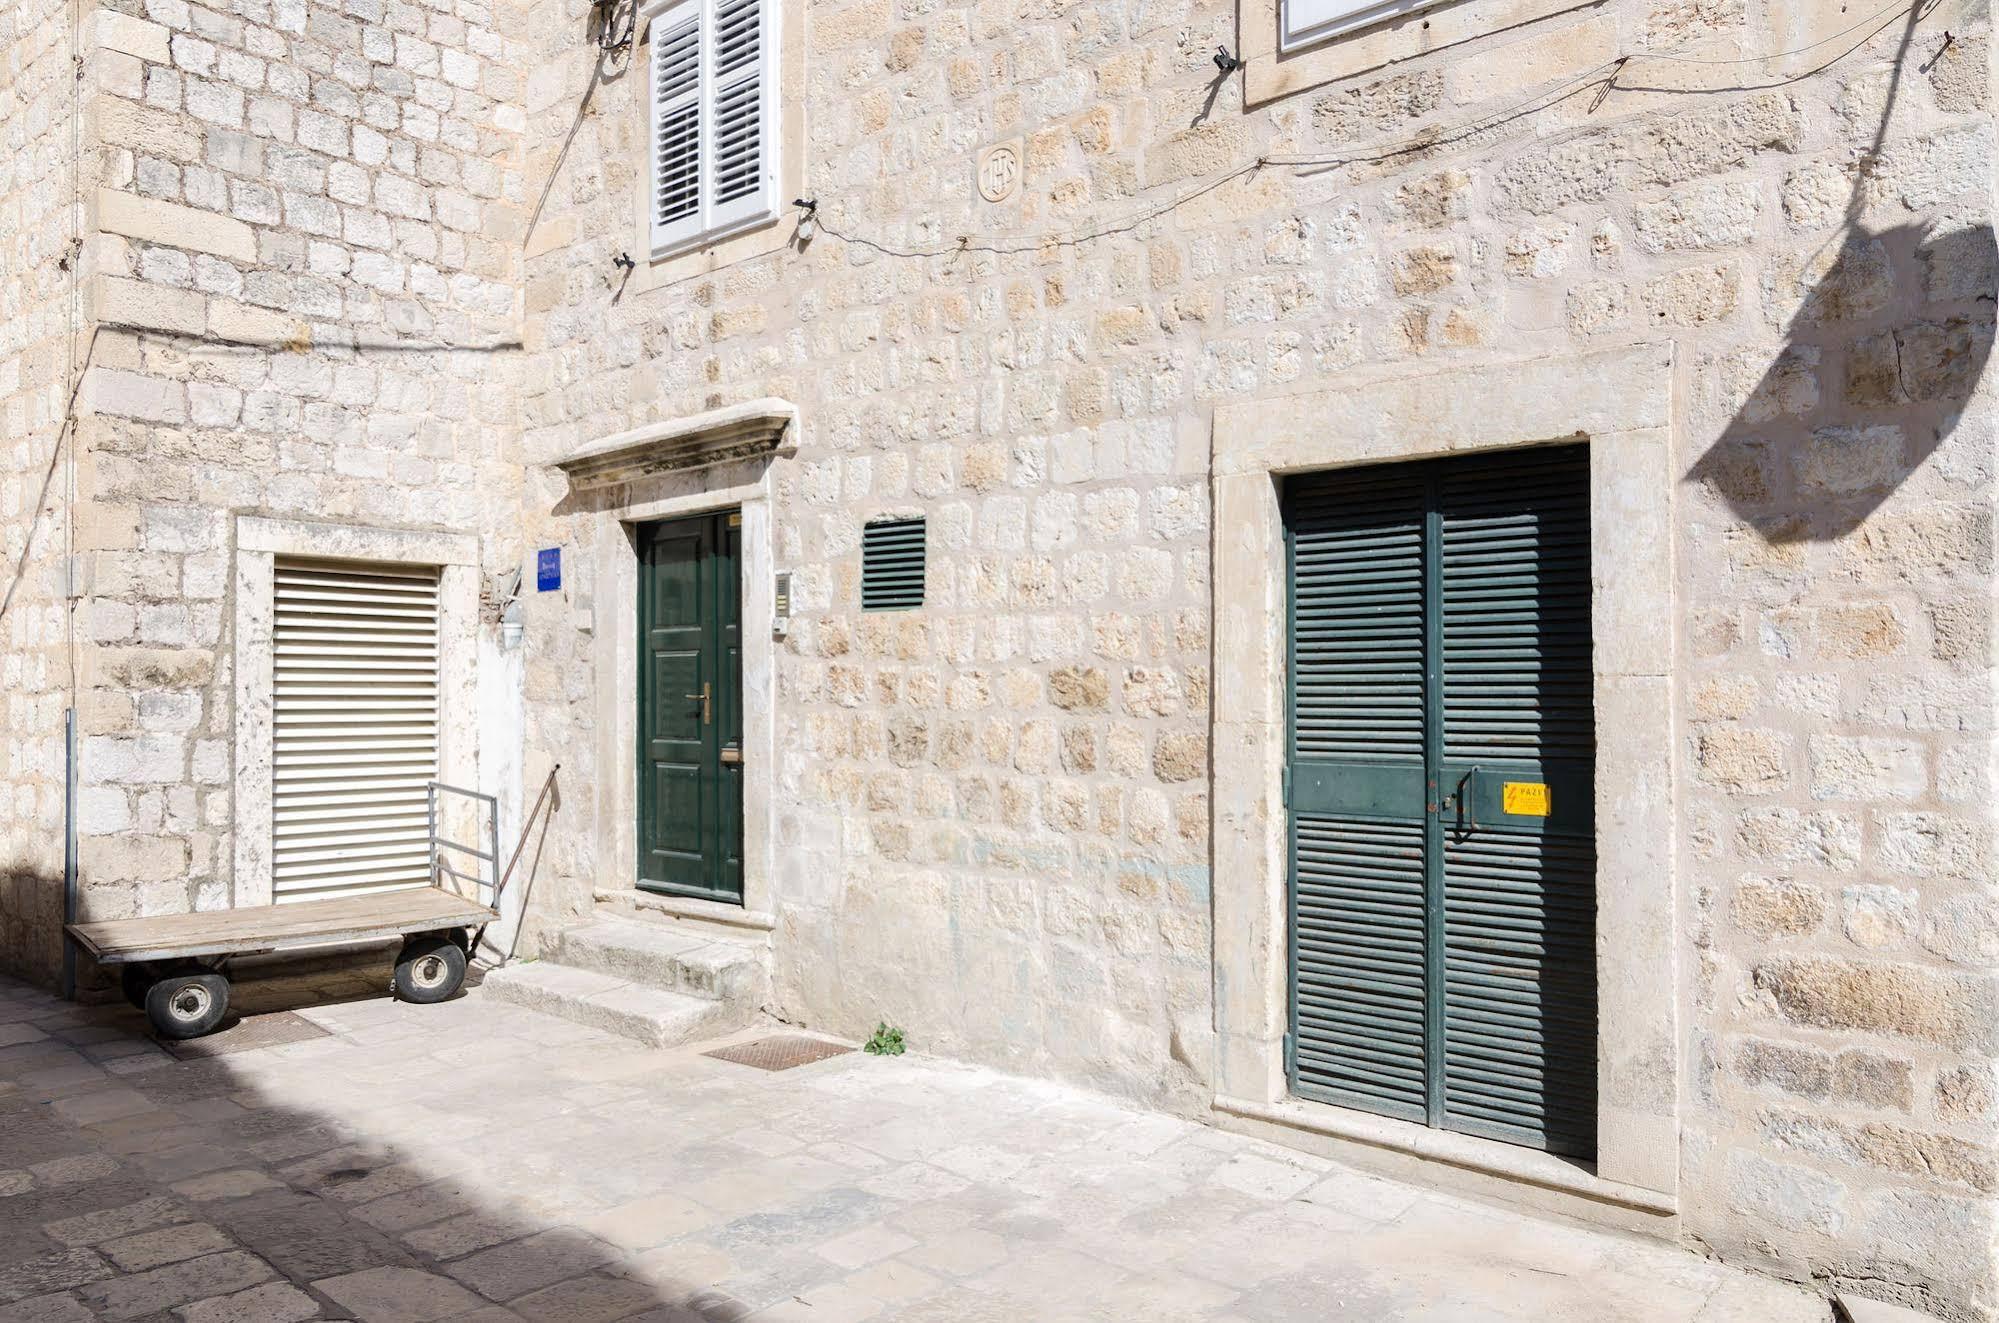 Bofiko apartments Old town